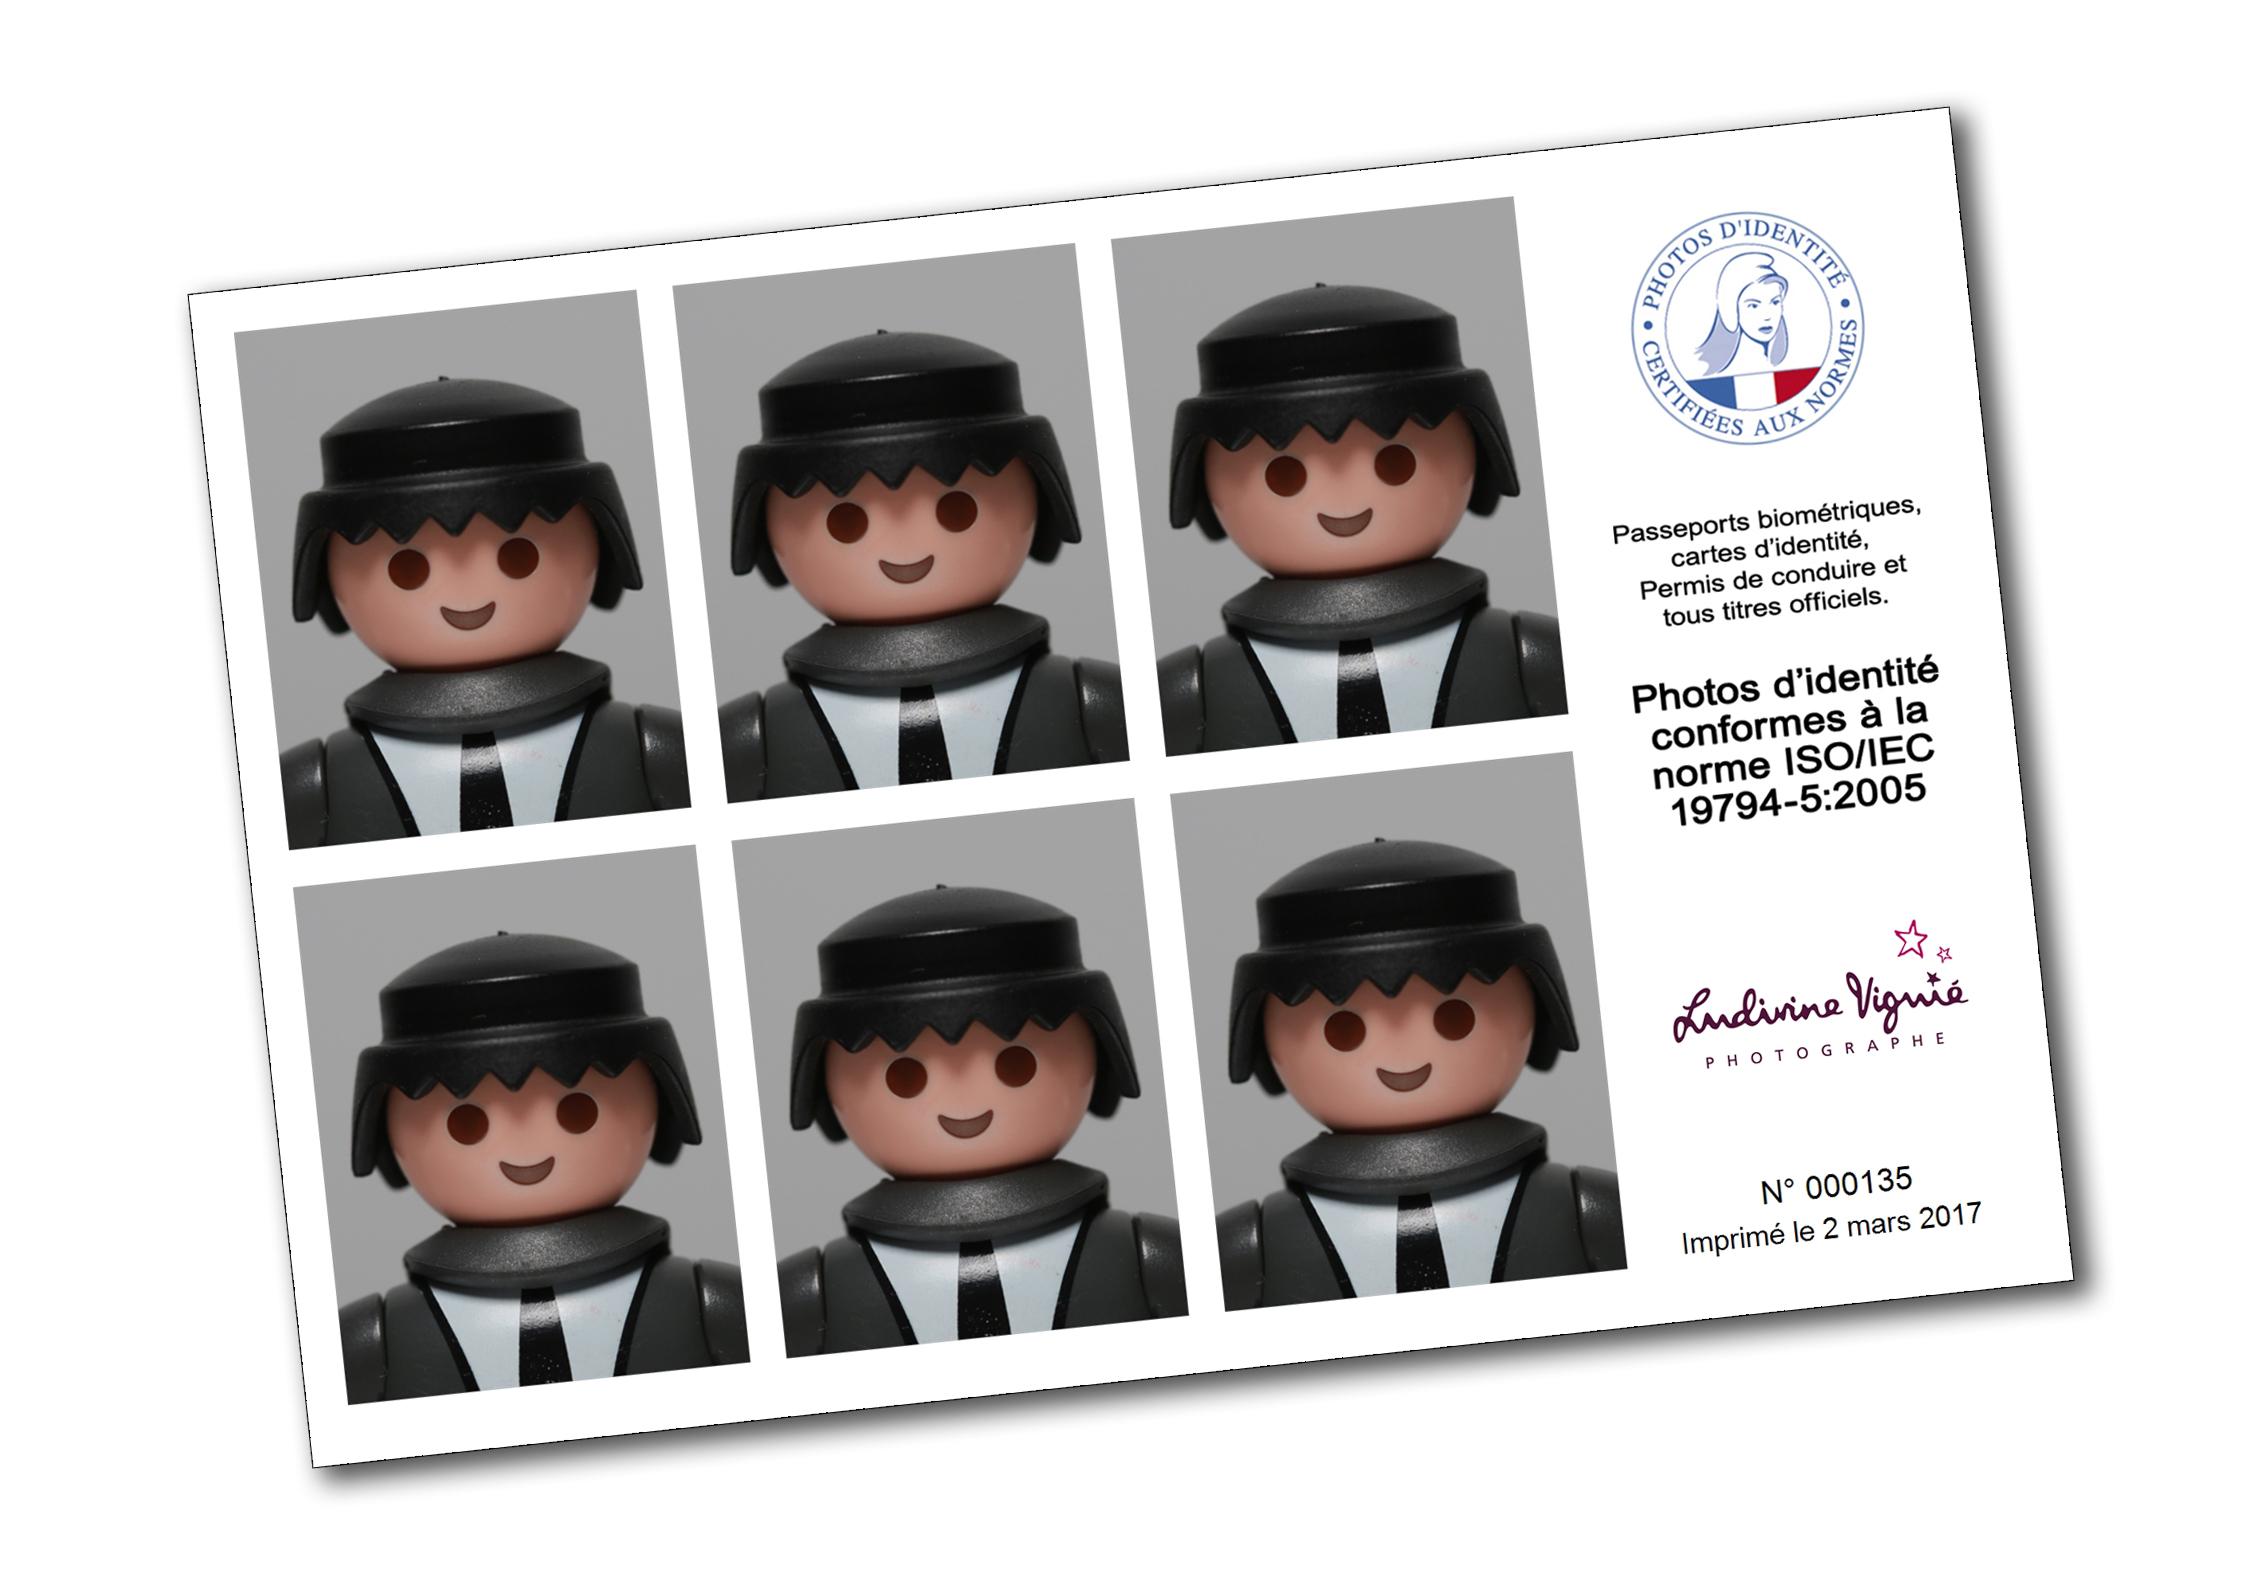 photos d u0026 39 identit u00e9s officielles  pour carte d u0026 39 identit u00e9s  passeport  permis de conduire  visa  cv